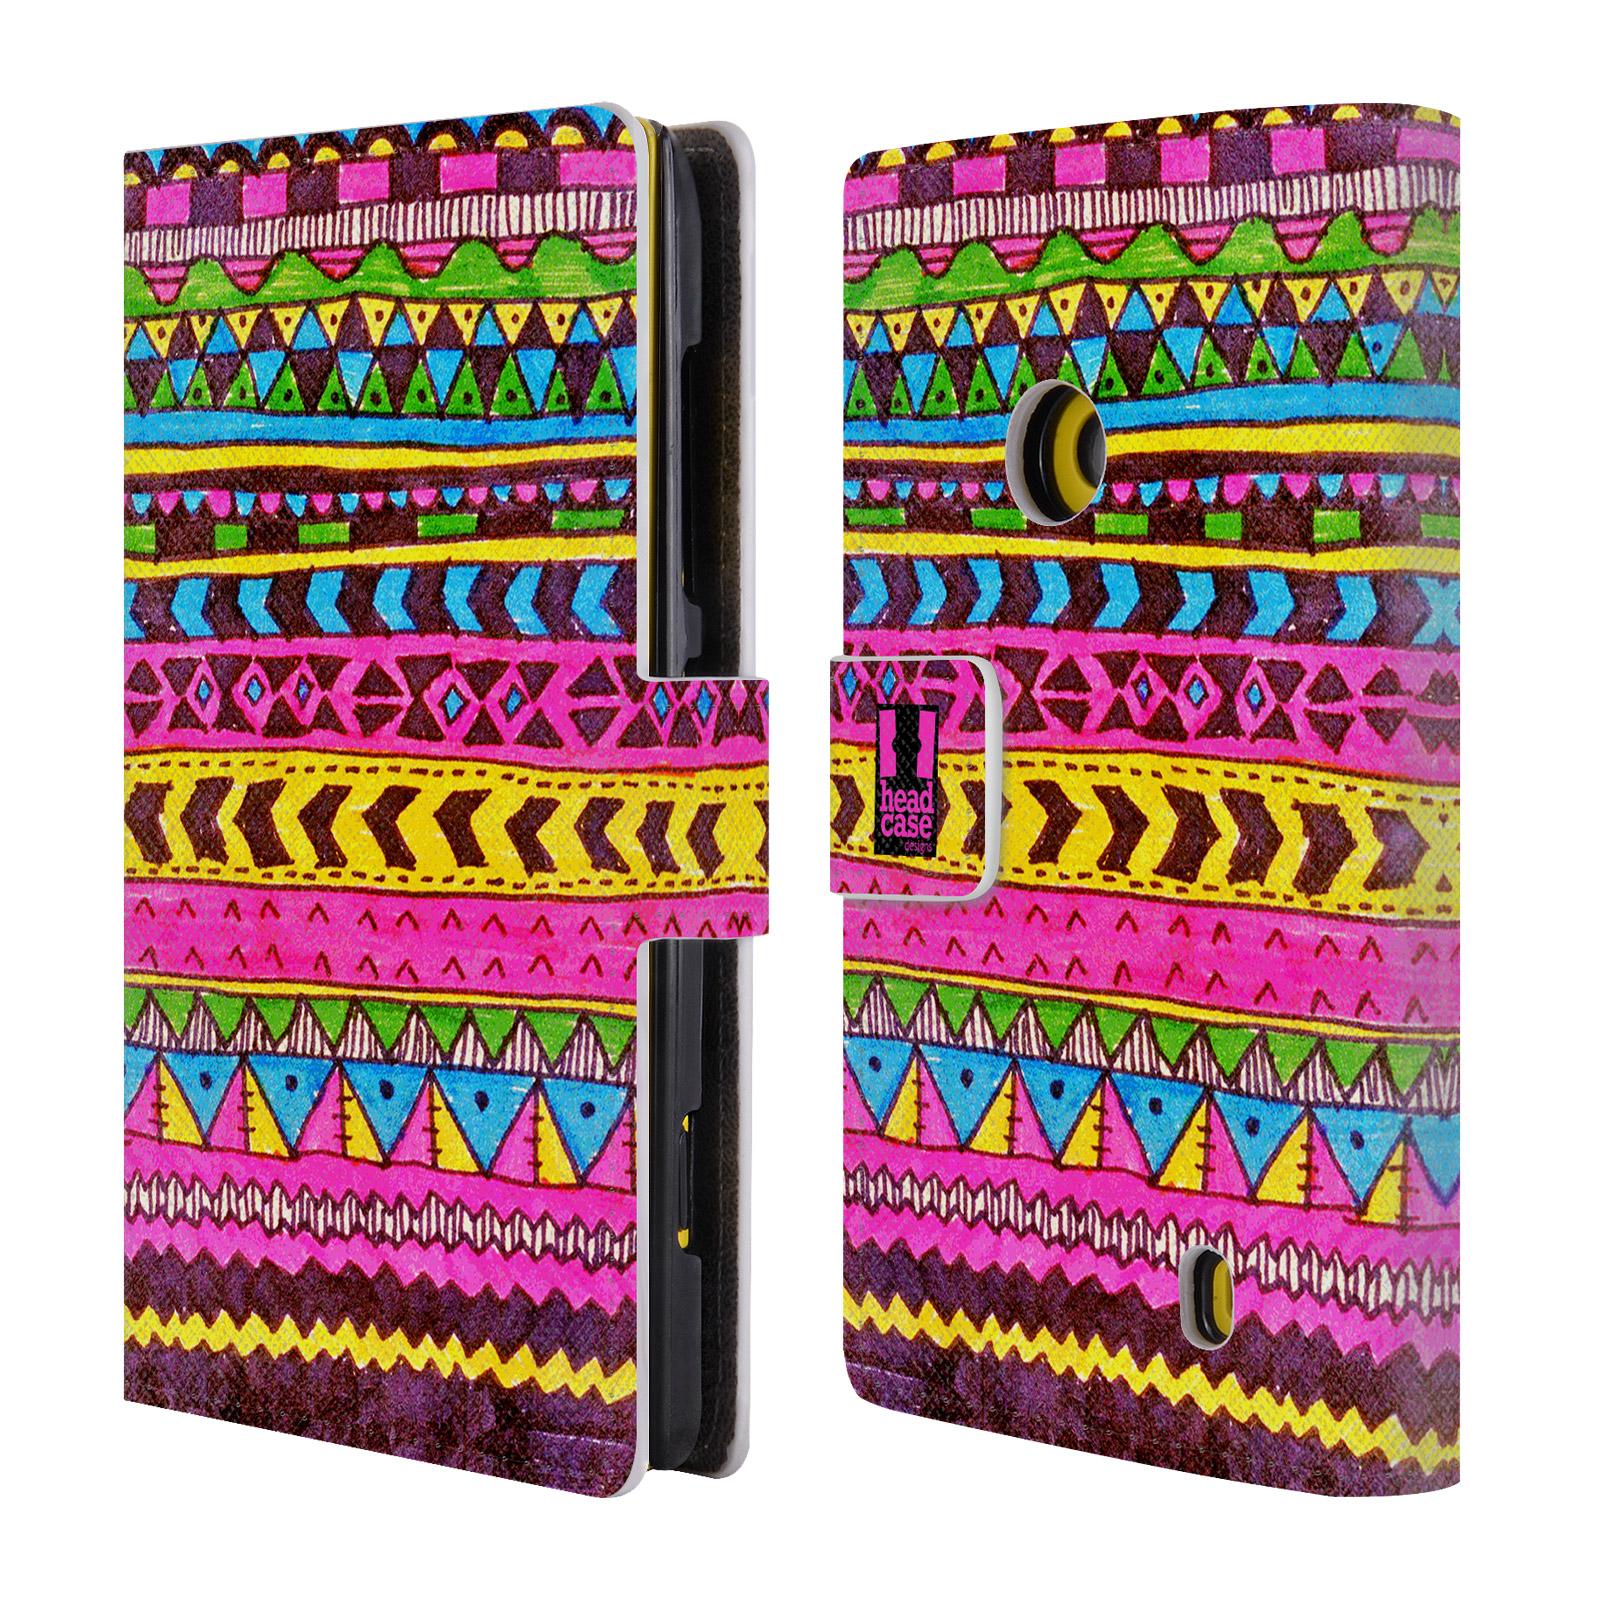 HEAD CASE Flipové pouzdro pro mobil NOKIA LUMIA 520 / 525 Barevná aztécká čmáranice růžová